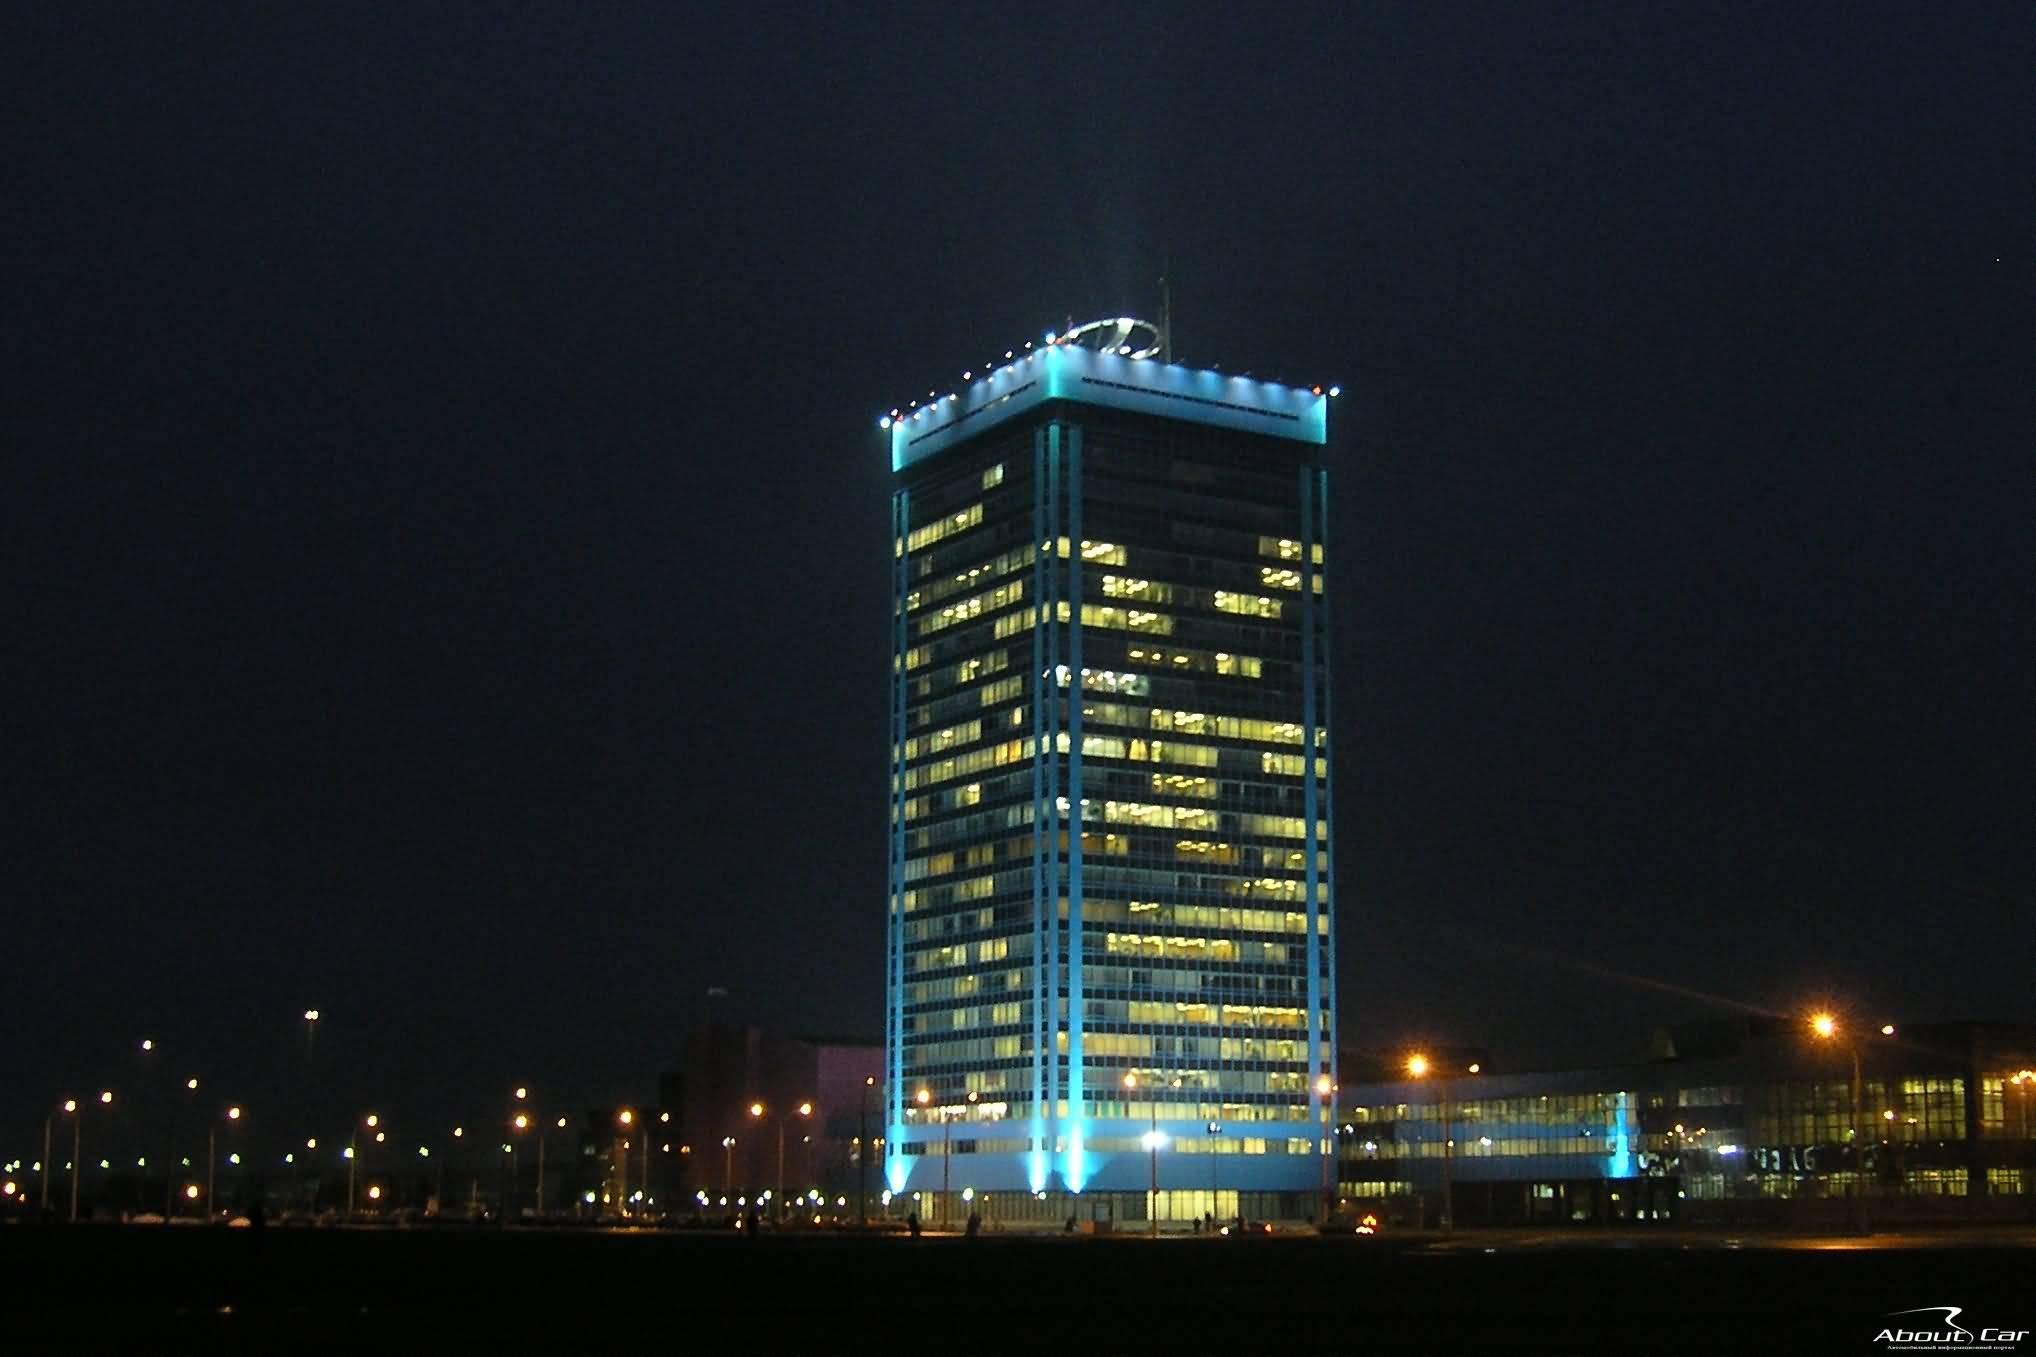 vaz - Административное здание АвтоВАЗ